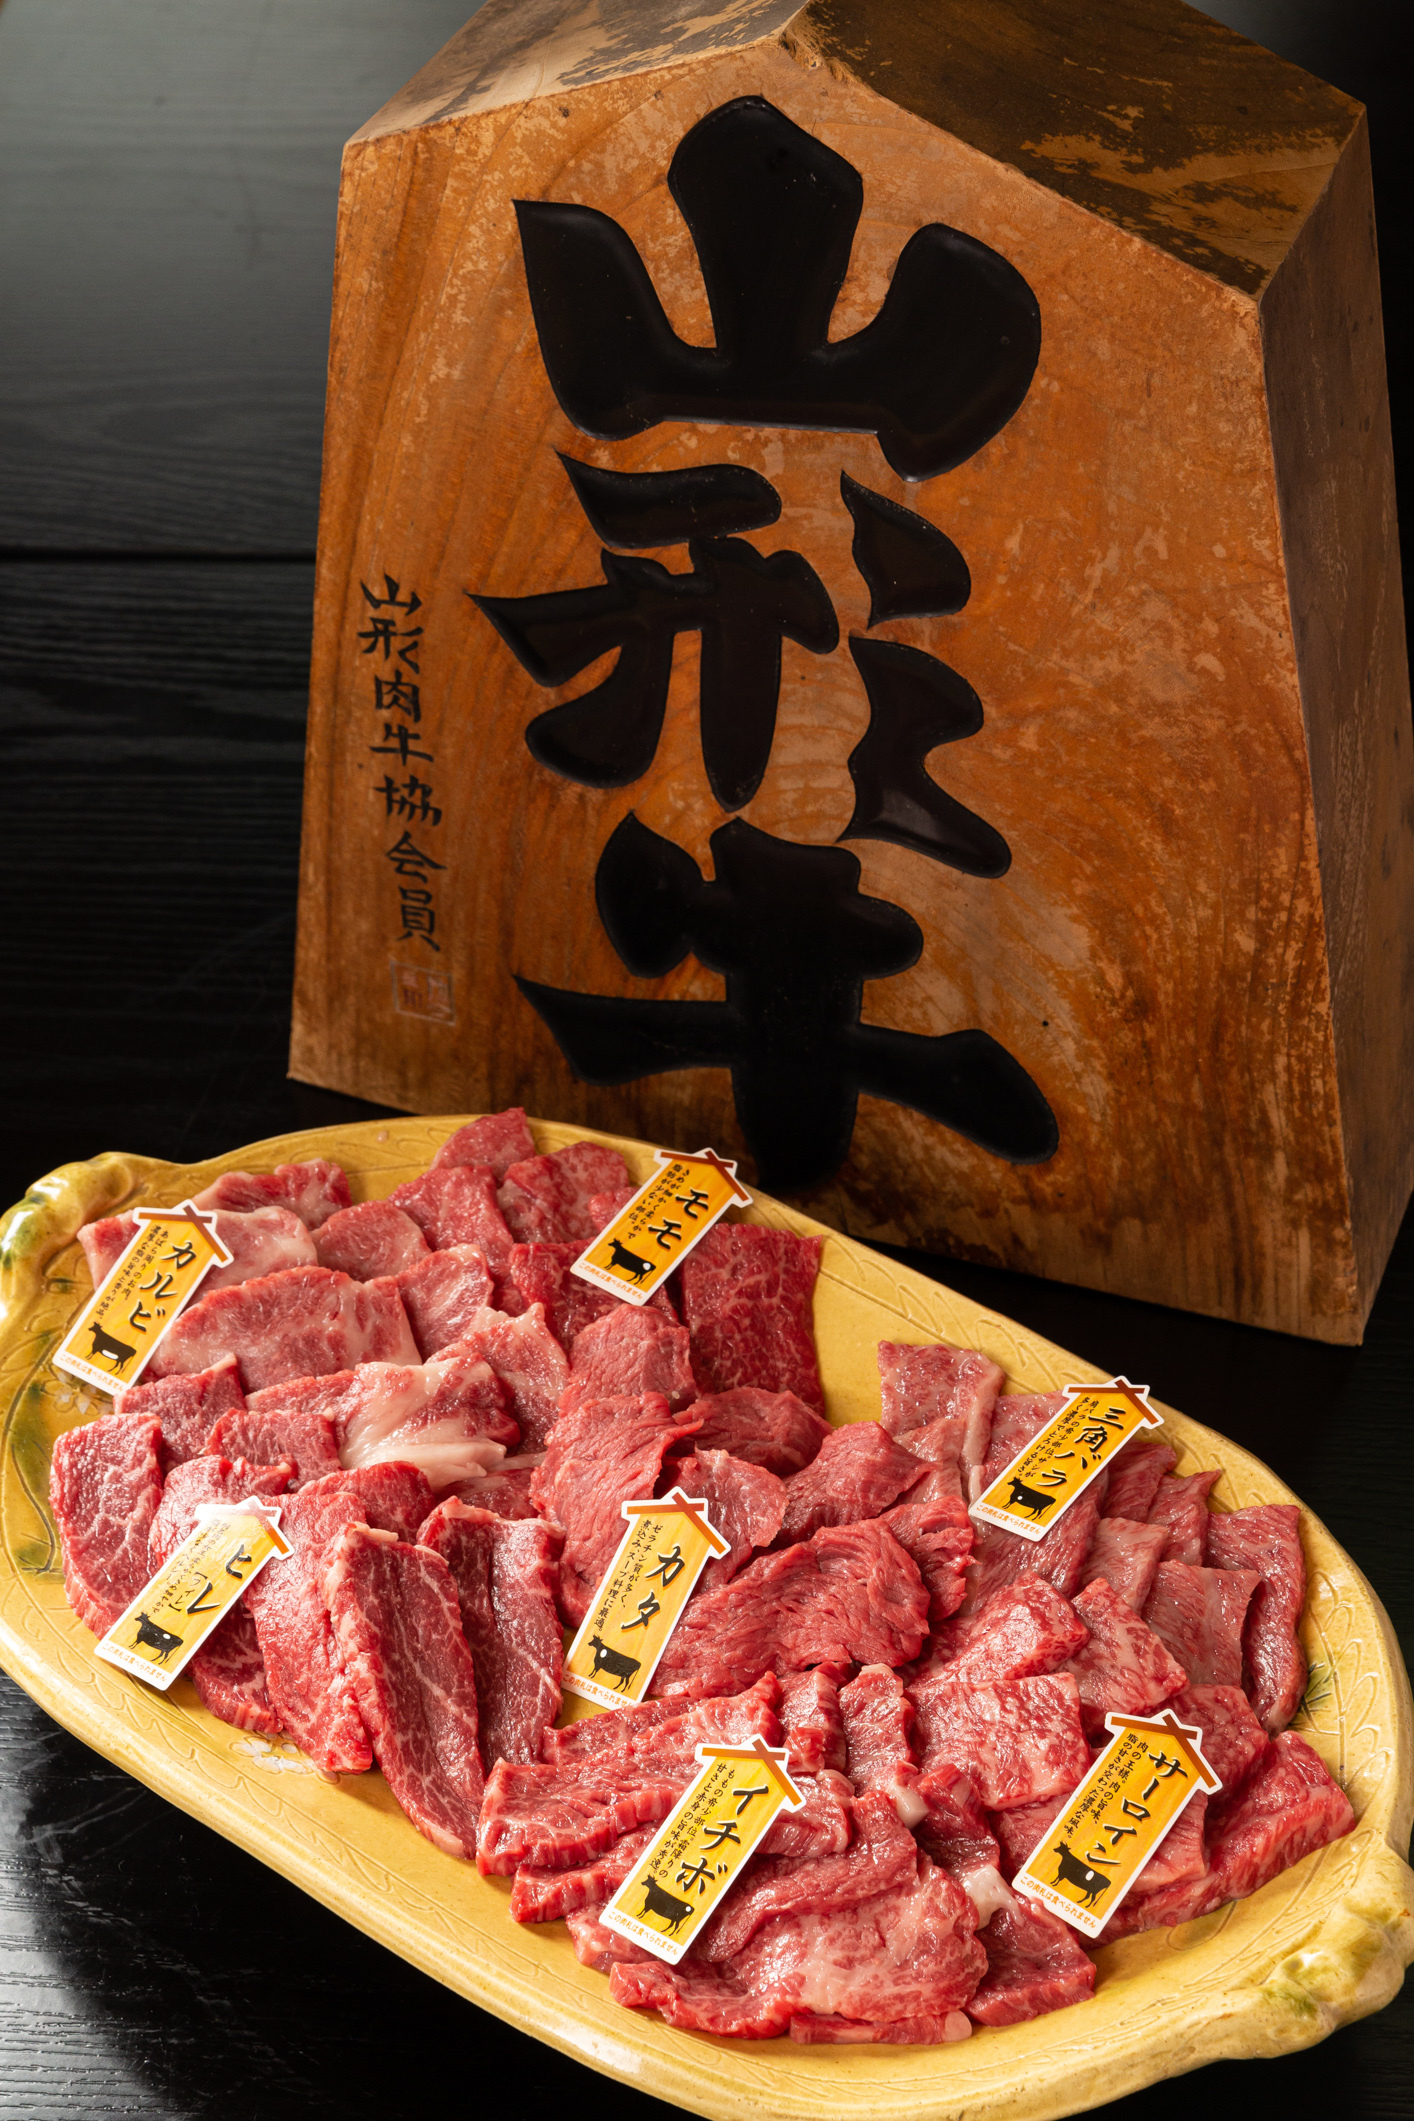 【数量限定】山形牛 一頭盛り(7種)焼肉セット4人前820g